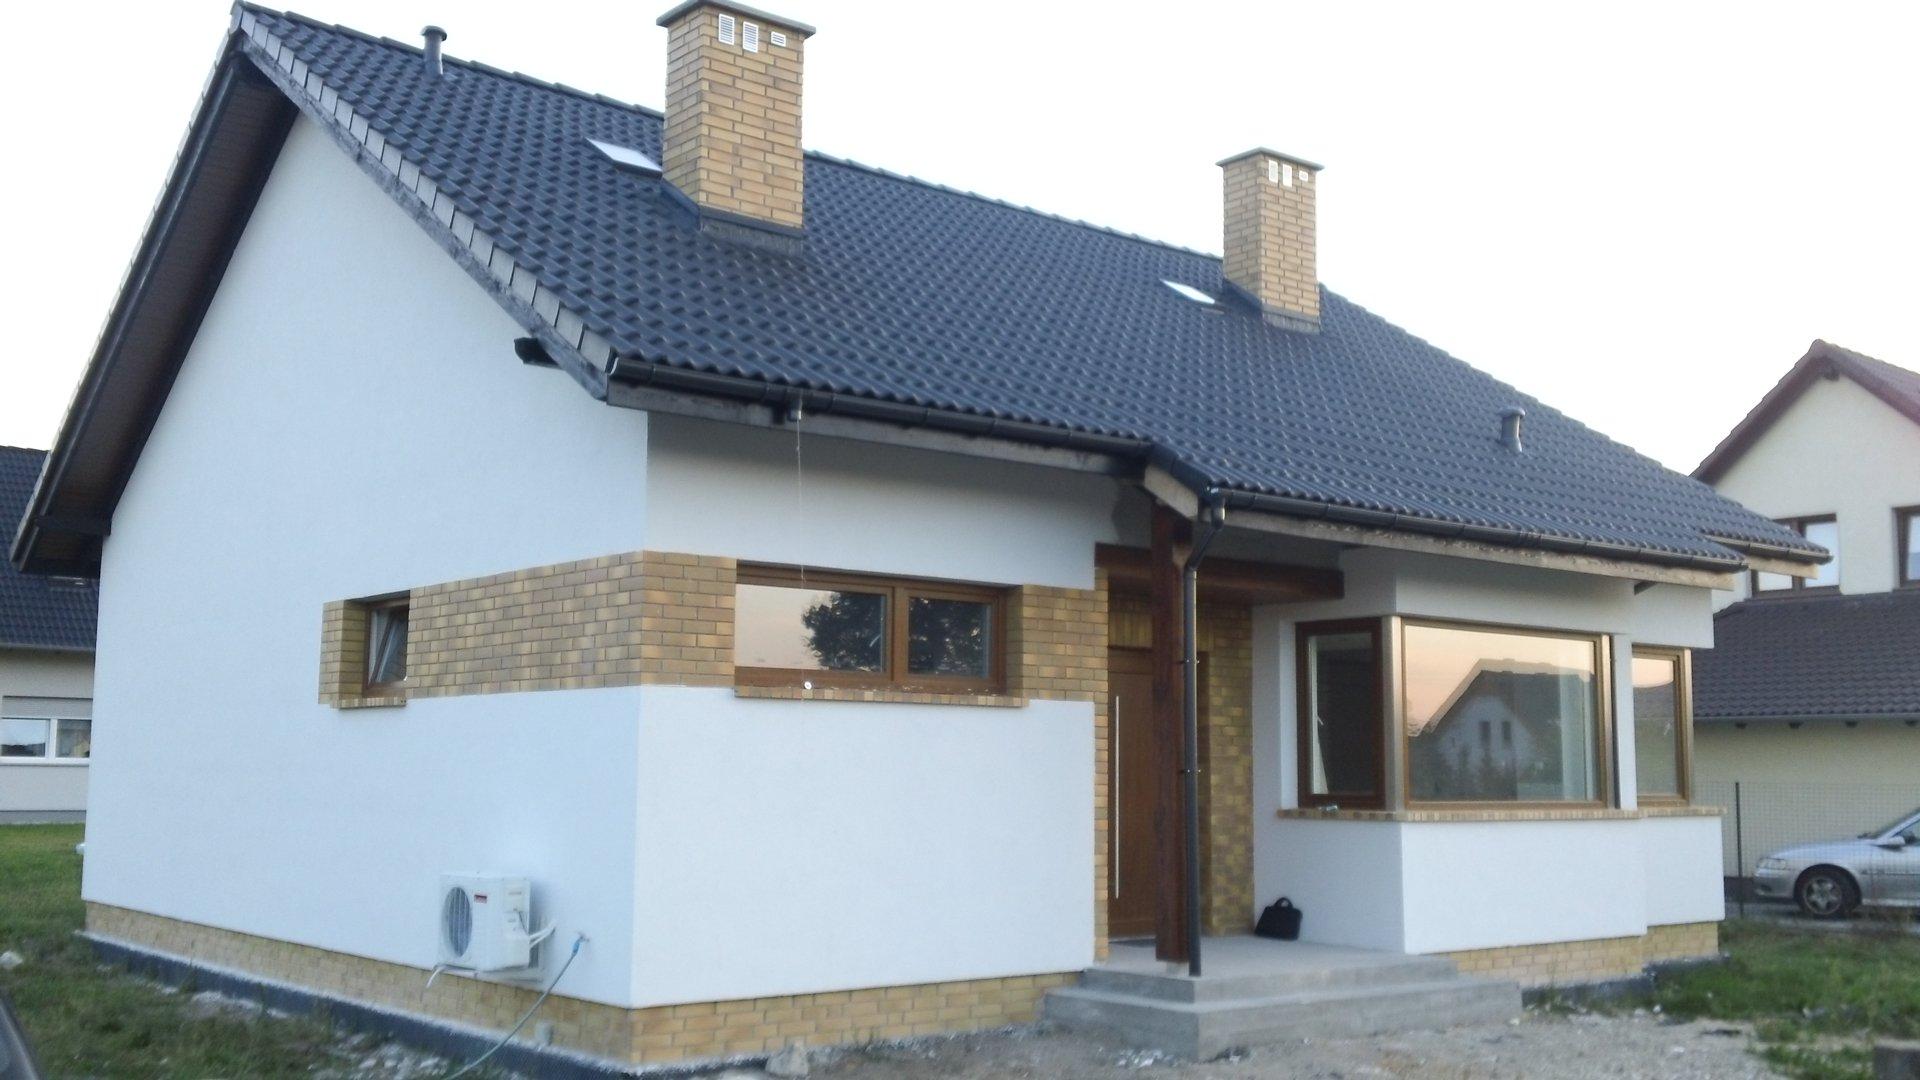 tomasz-zalezny-1375697916_2-1385122424-lixxaxpc.jpg